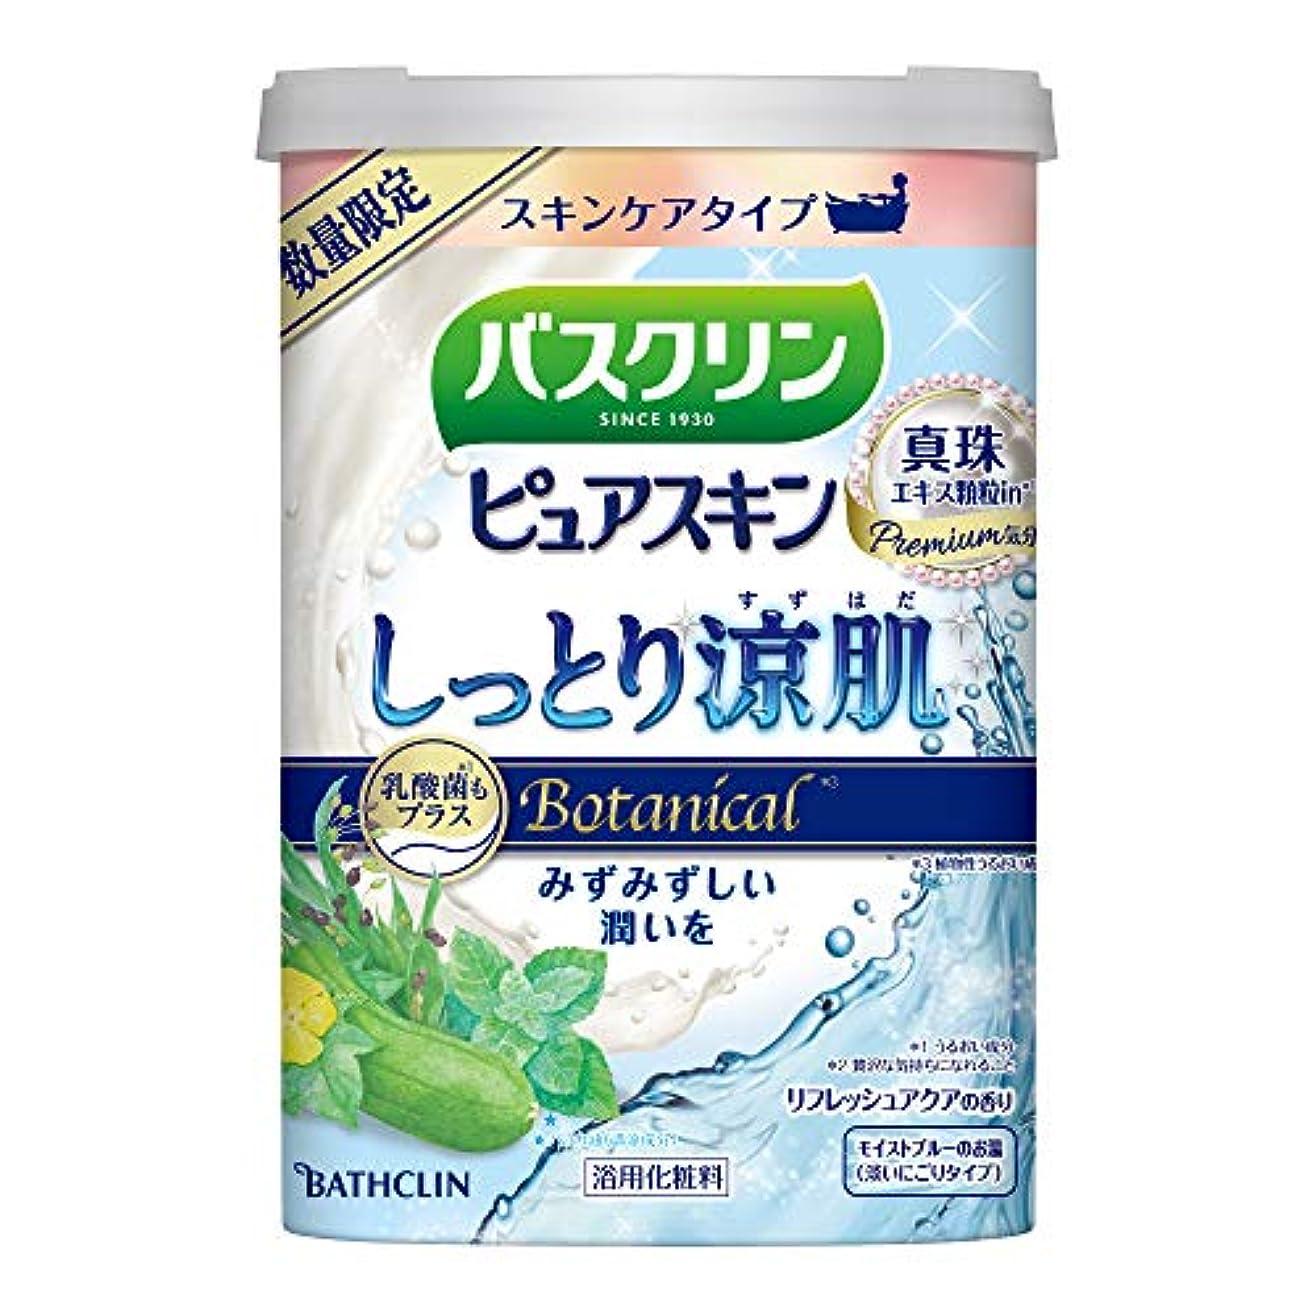 ユーモア渦ずるい【数量限定品】バスクリンピュアスキン入浴剤 しっとり涼肌600g(約30回分) スキンケアにごりタイプ 保湿